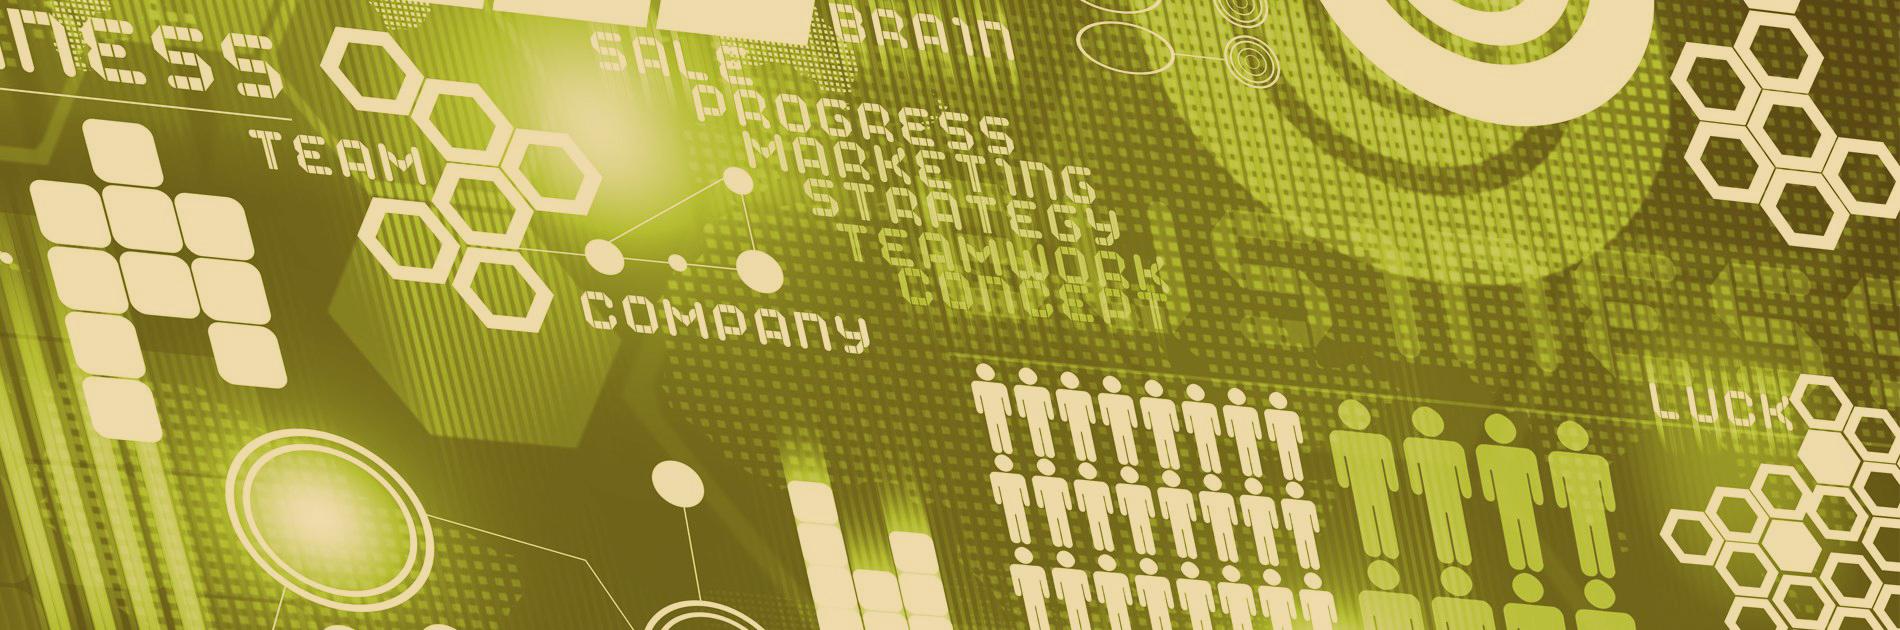 Century Strategy - Millennium Marketing